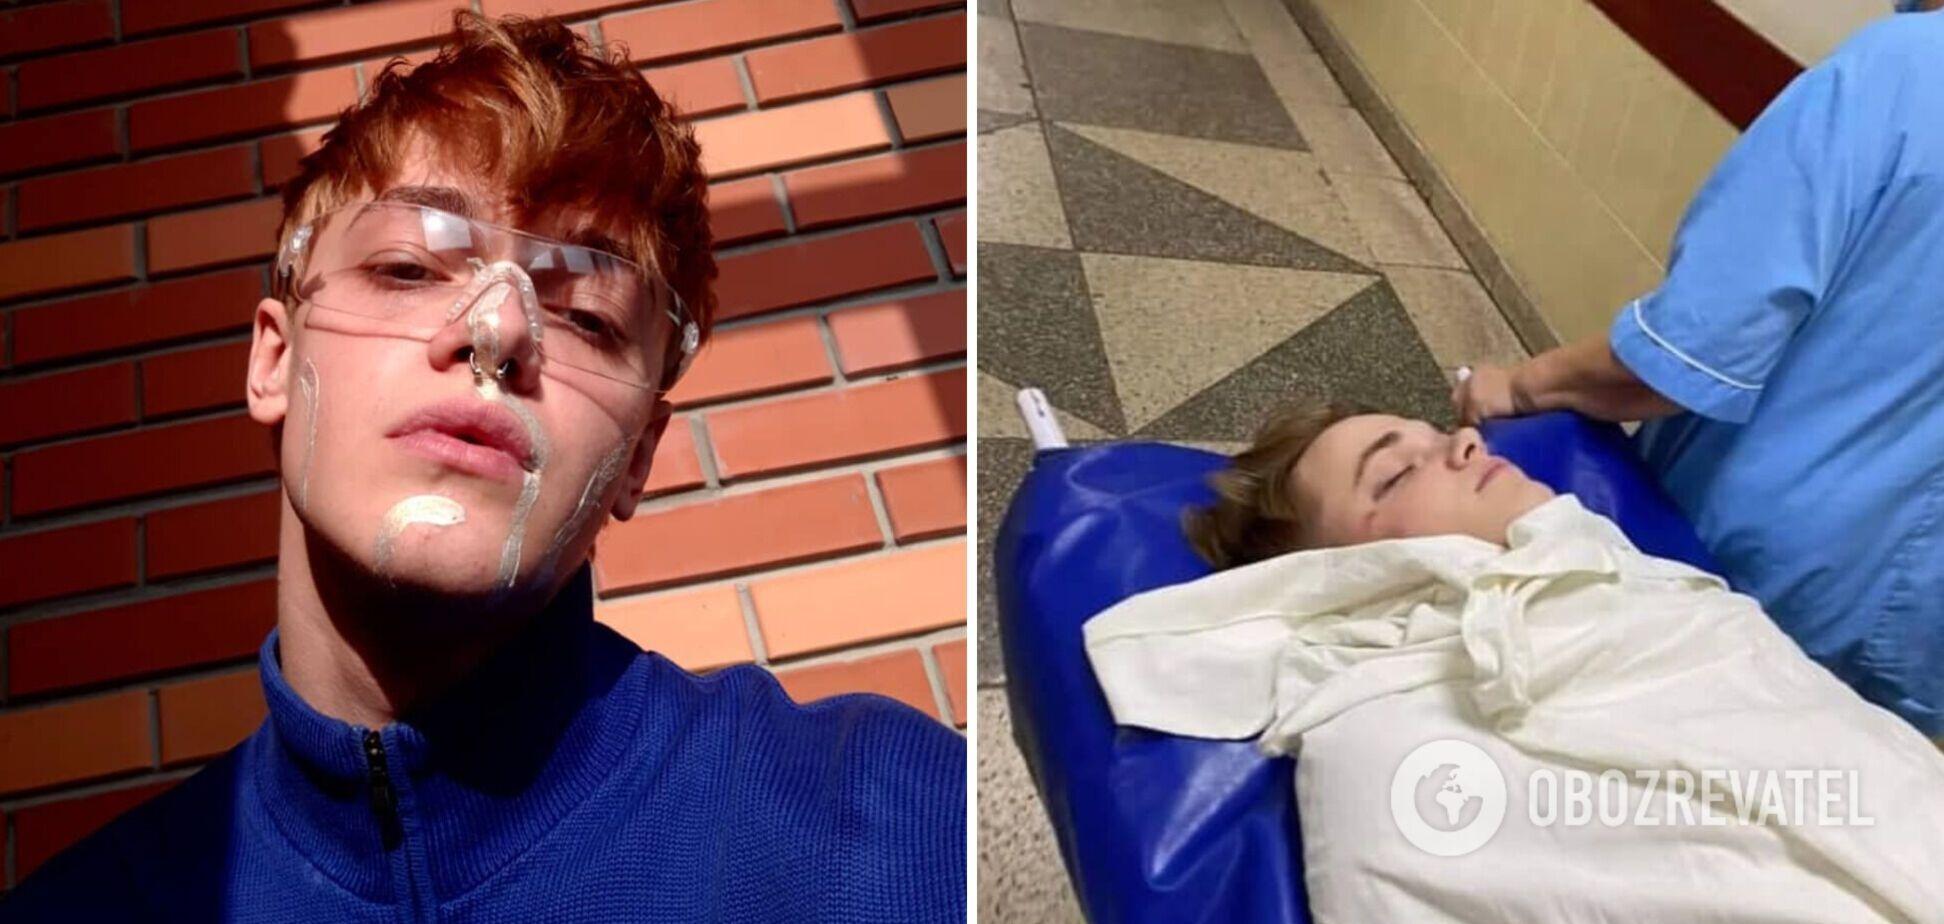 Избитый танцор Дорофеевой впервые вышел на связь: впереди путь реабилитации